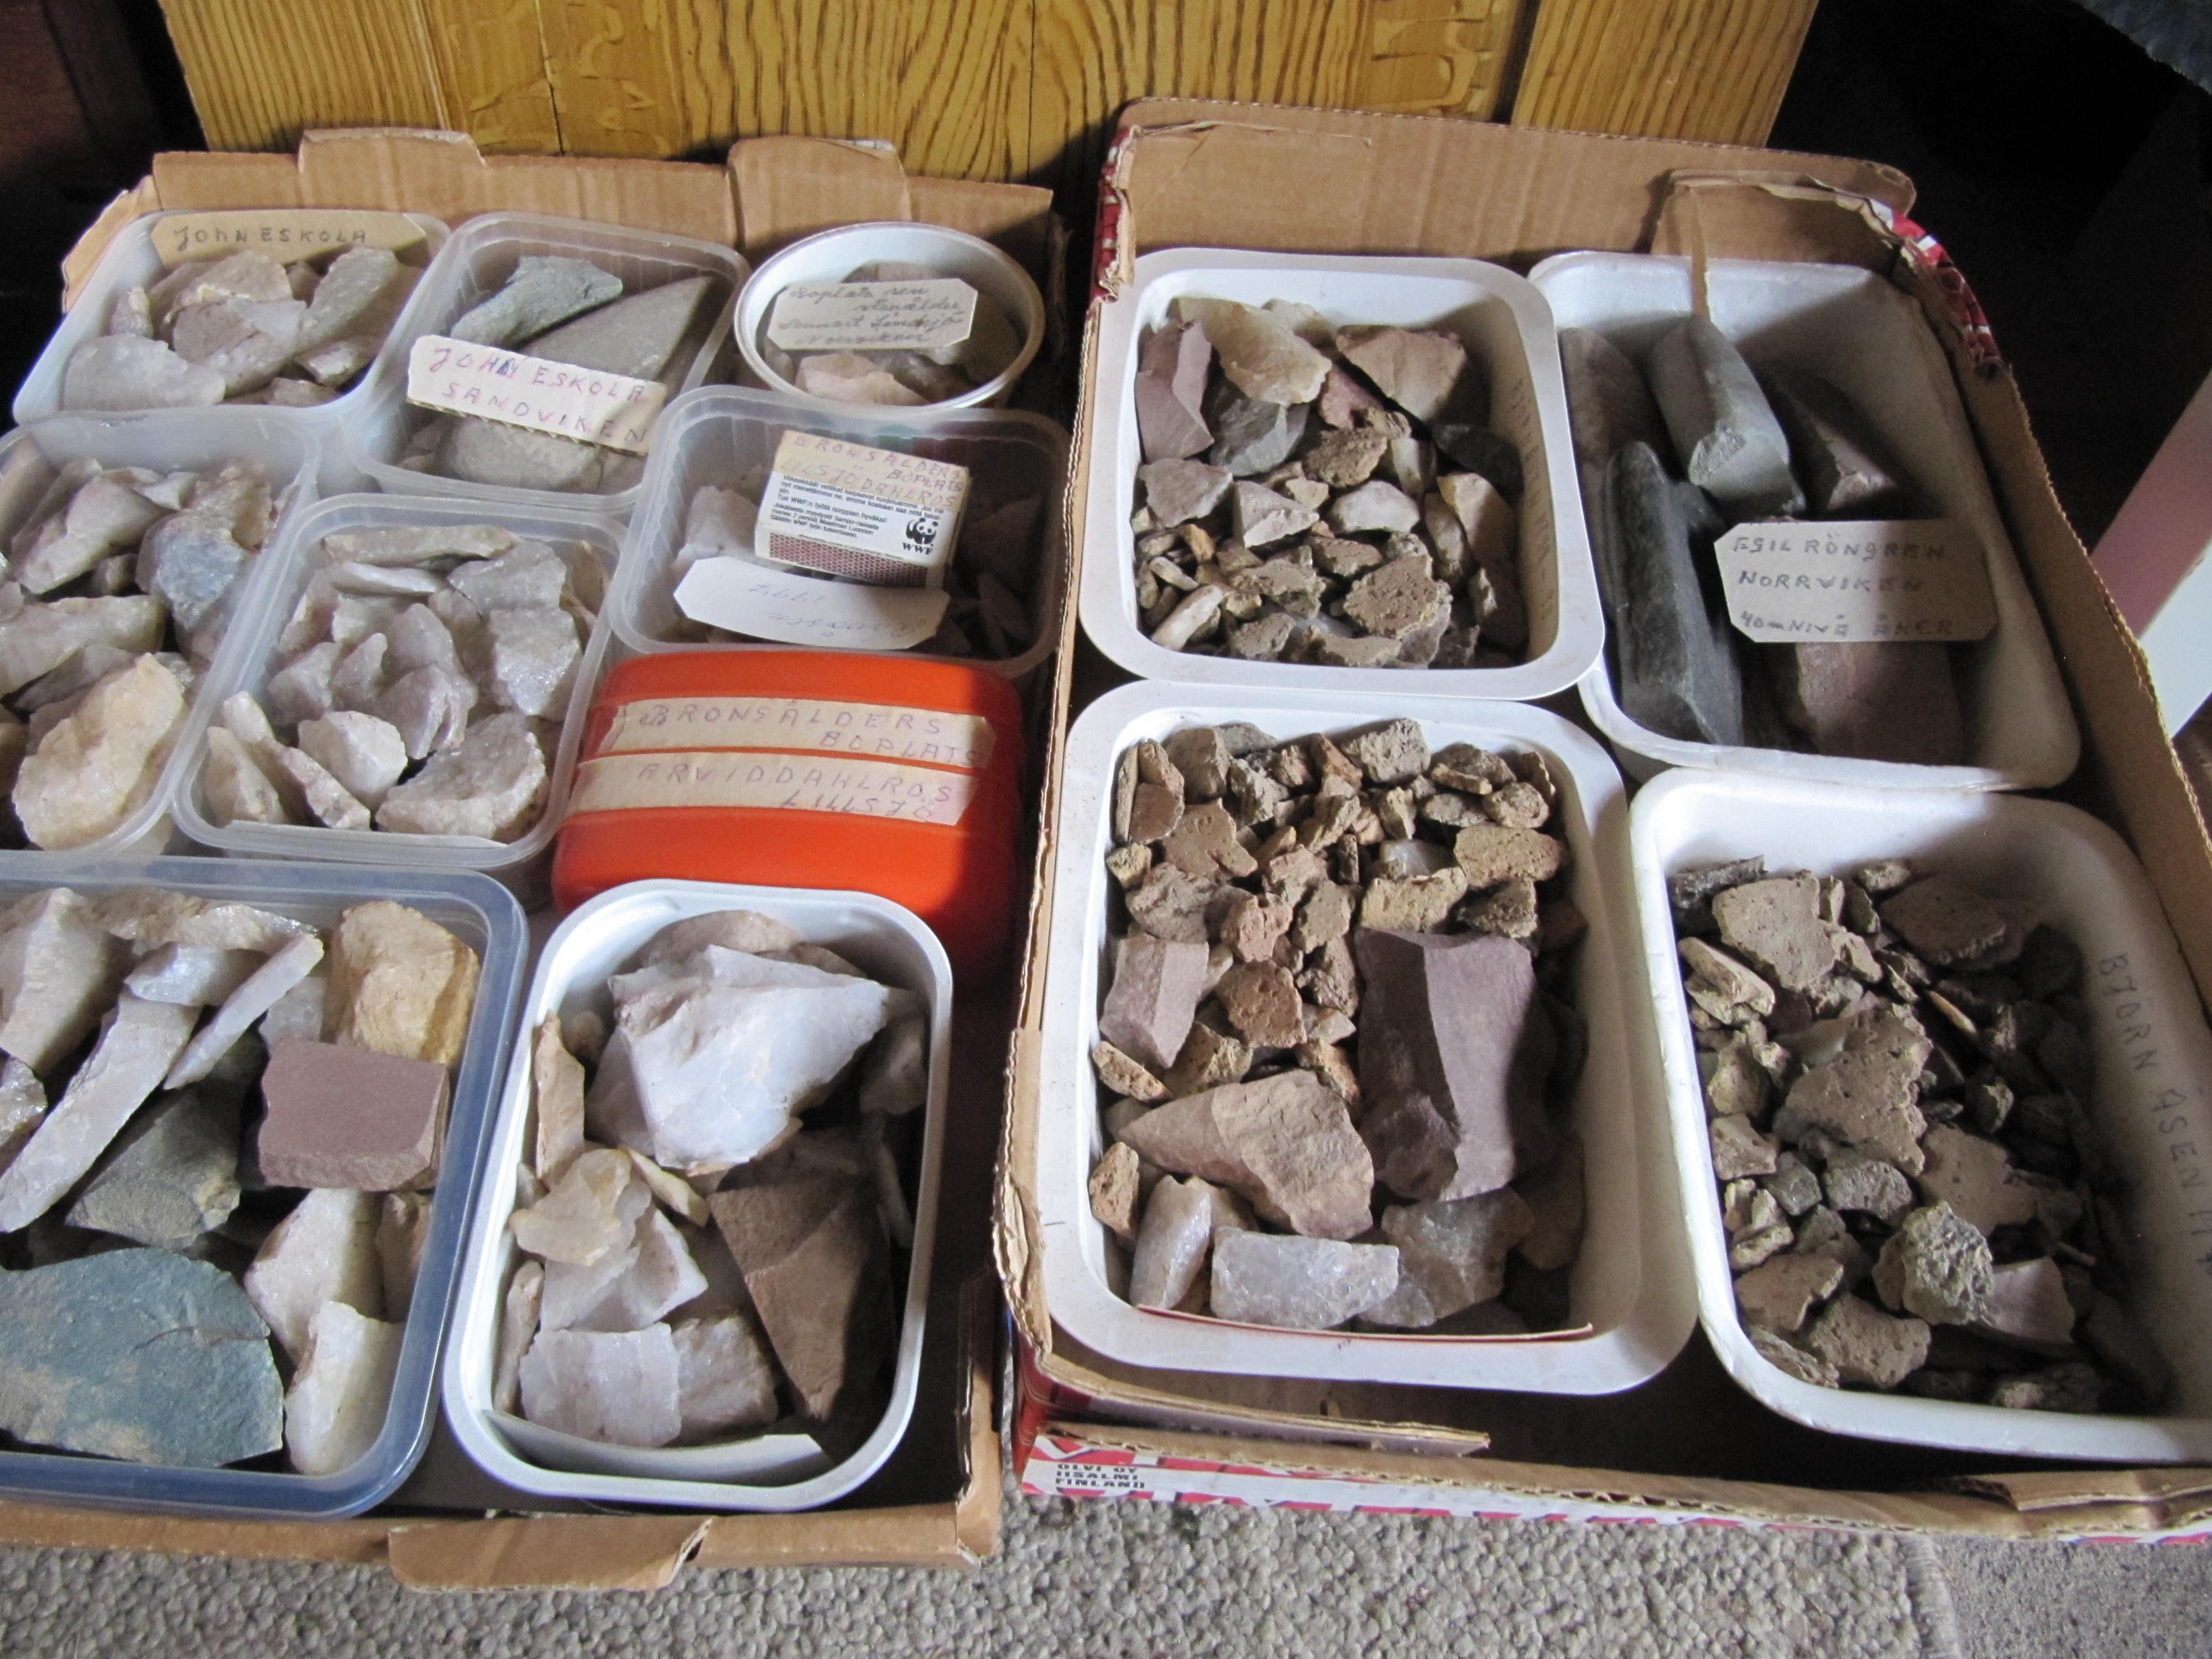 Amatörarkeologen Lars Ålgars har samlat på stenar under en lång tid och det är en mycket stor samling han har i sitt hem.